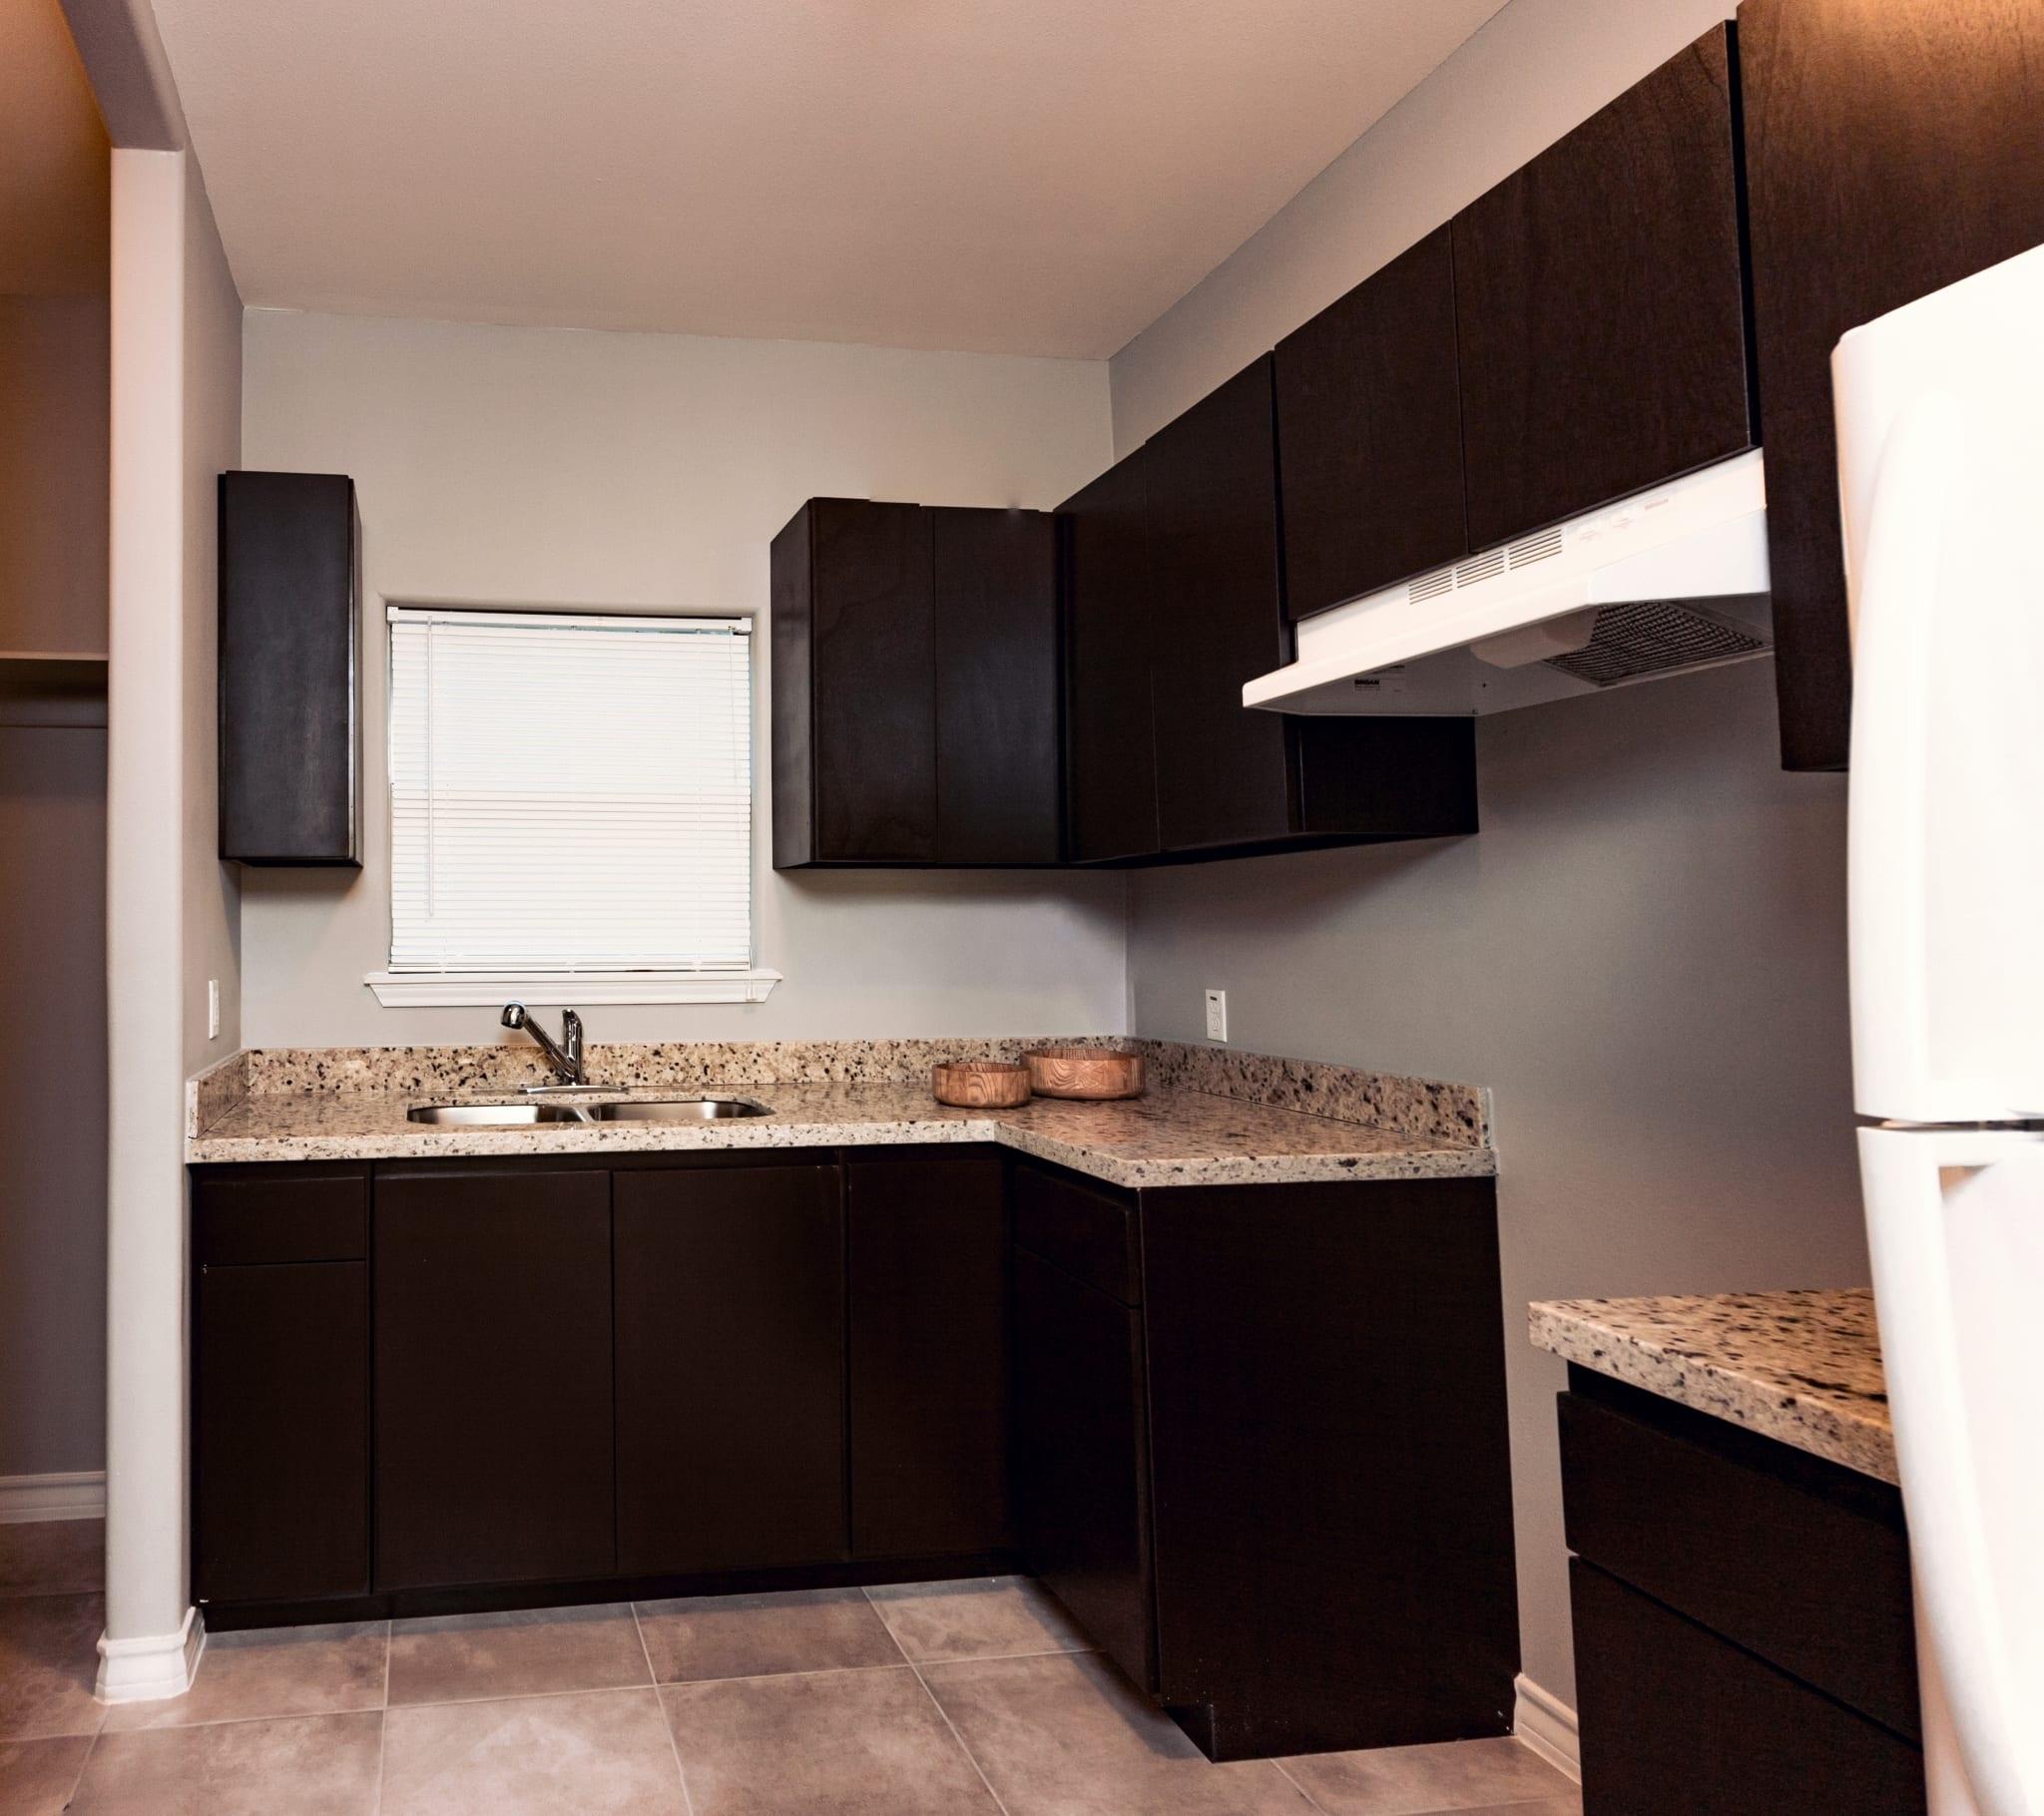 Riverhill Apartments: Laredo Horizons Development